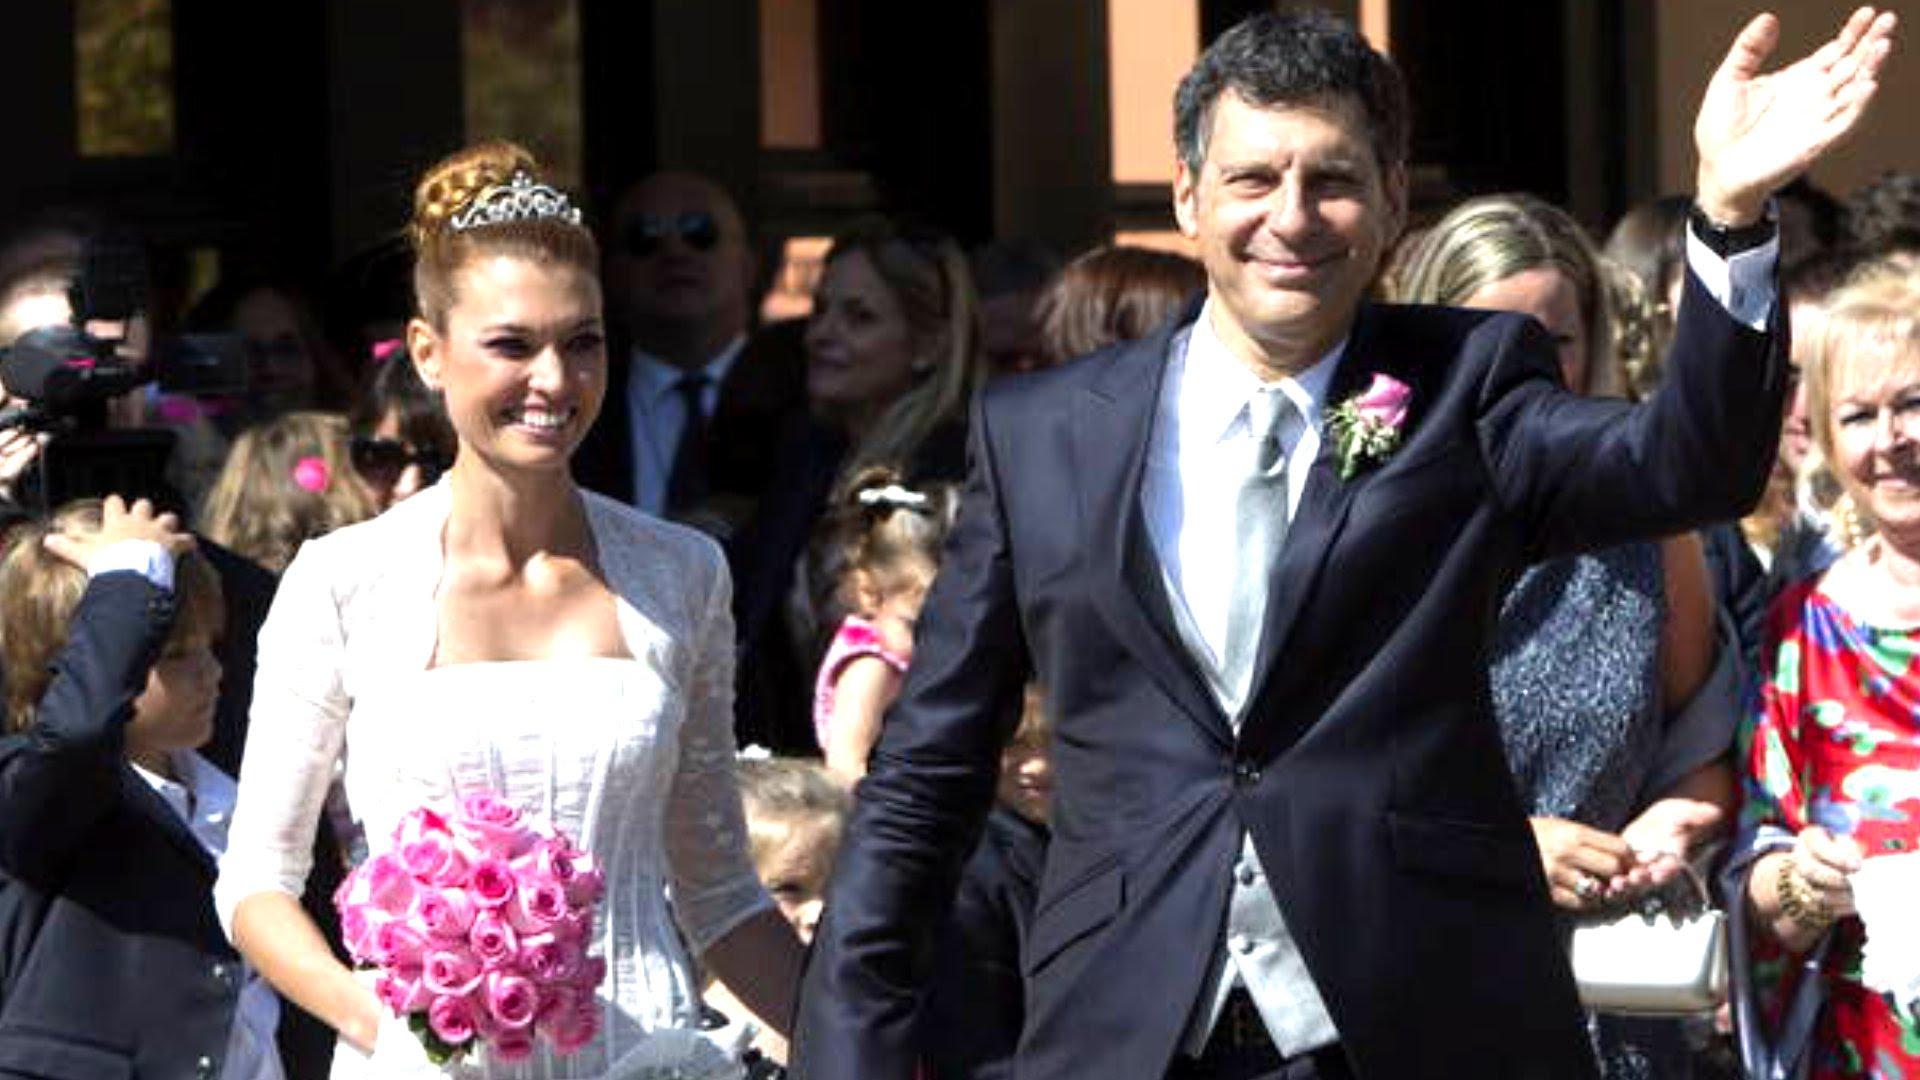 Fabrizio Frizzi e la malattia, la decisione toccante della moglie Carlotta